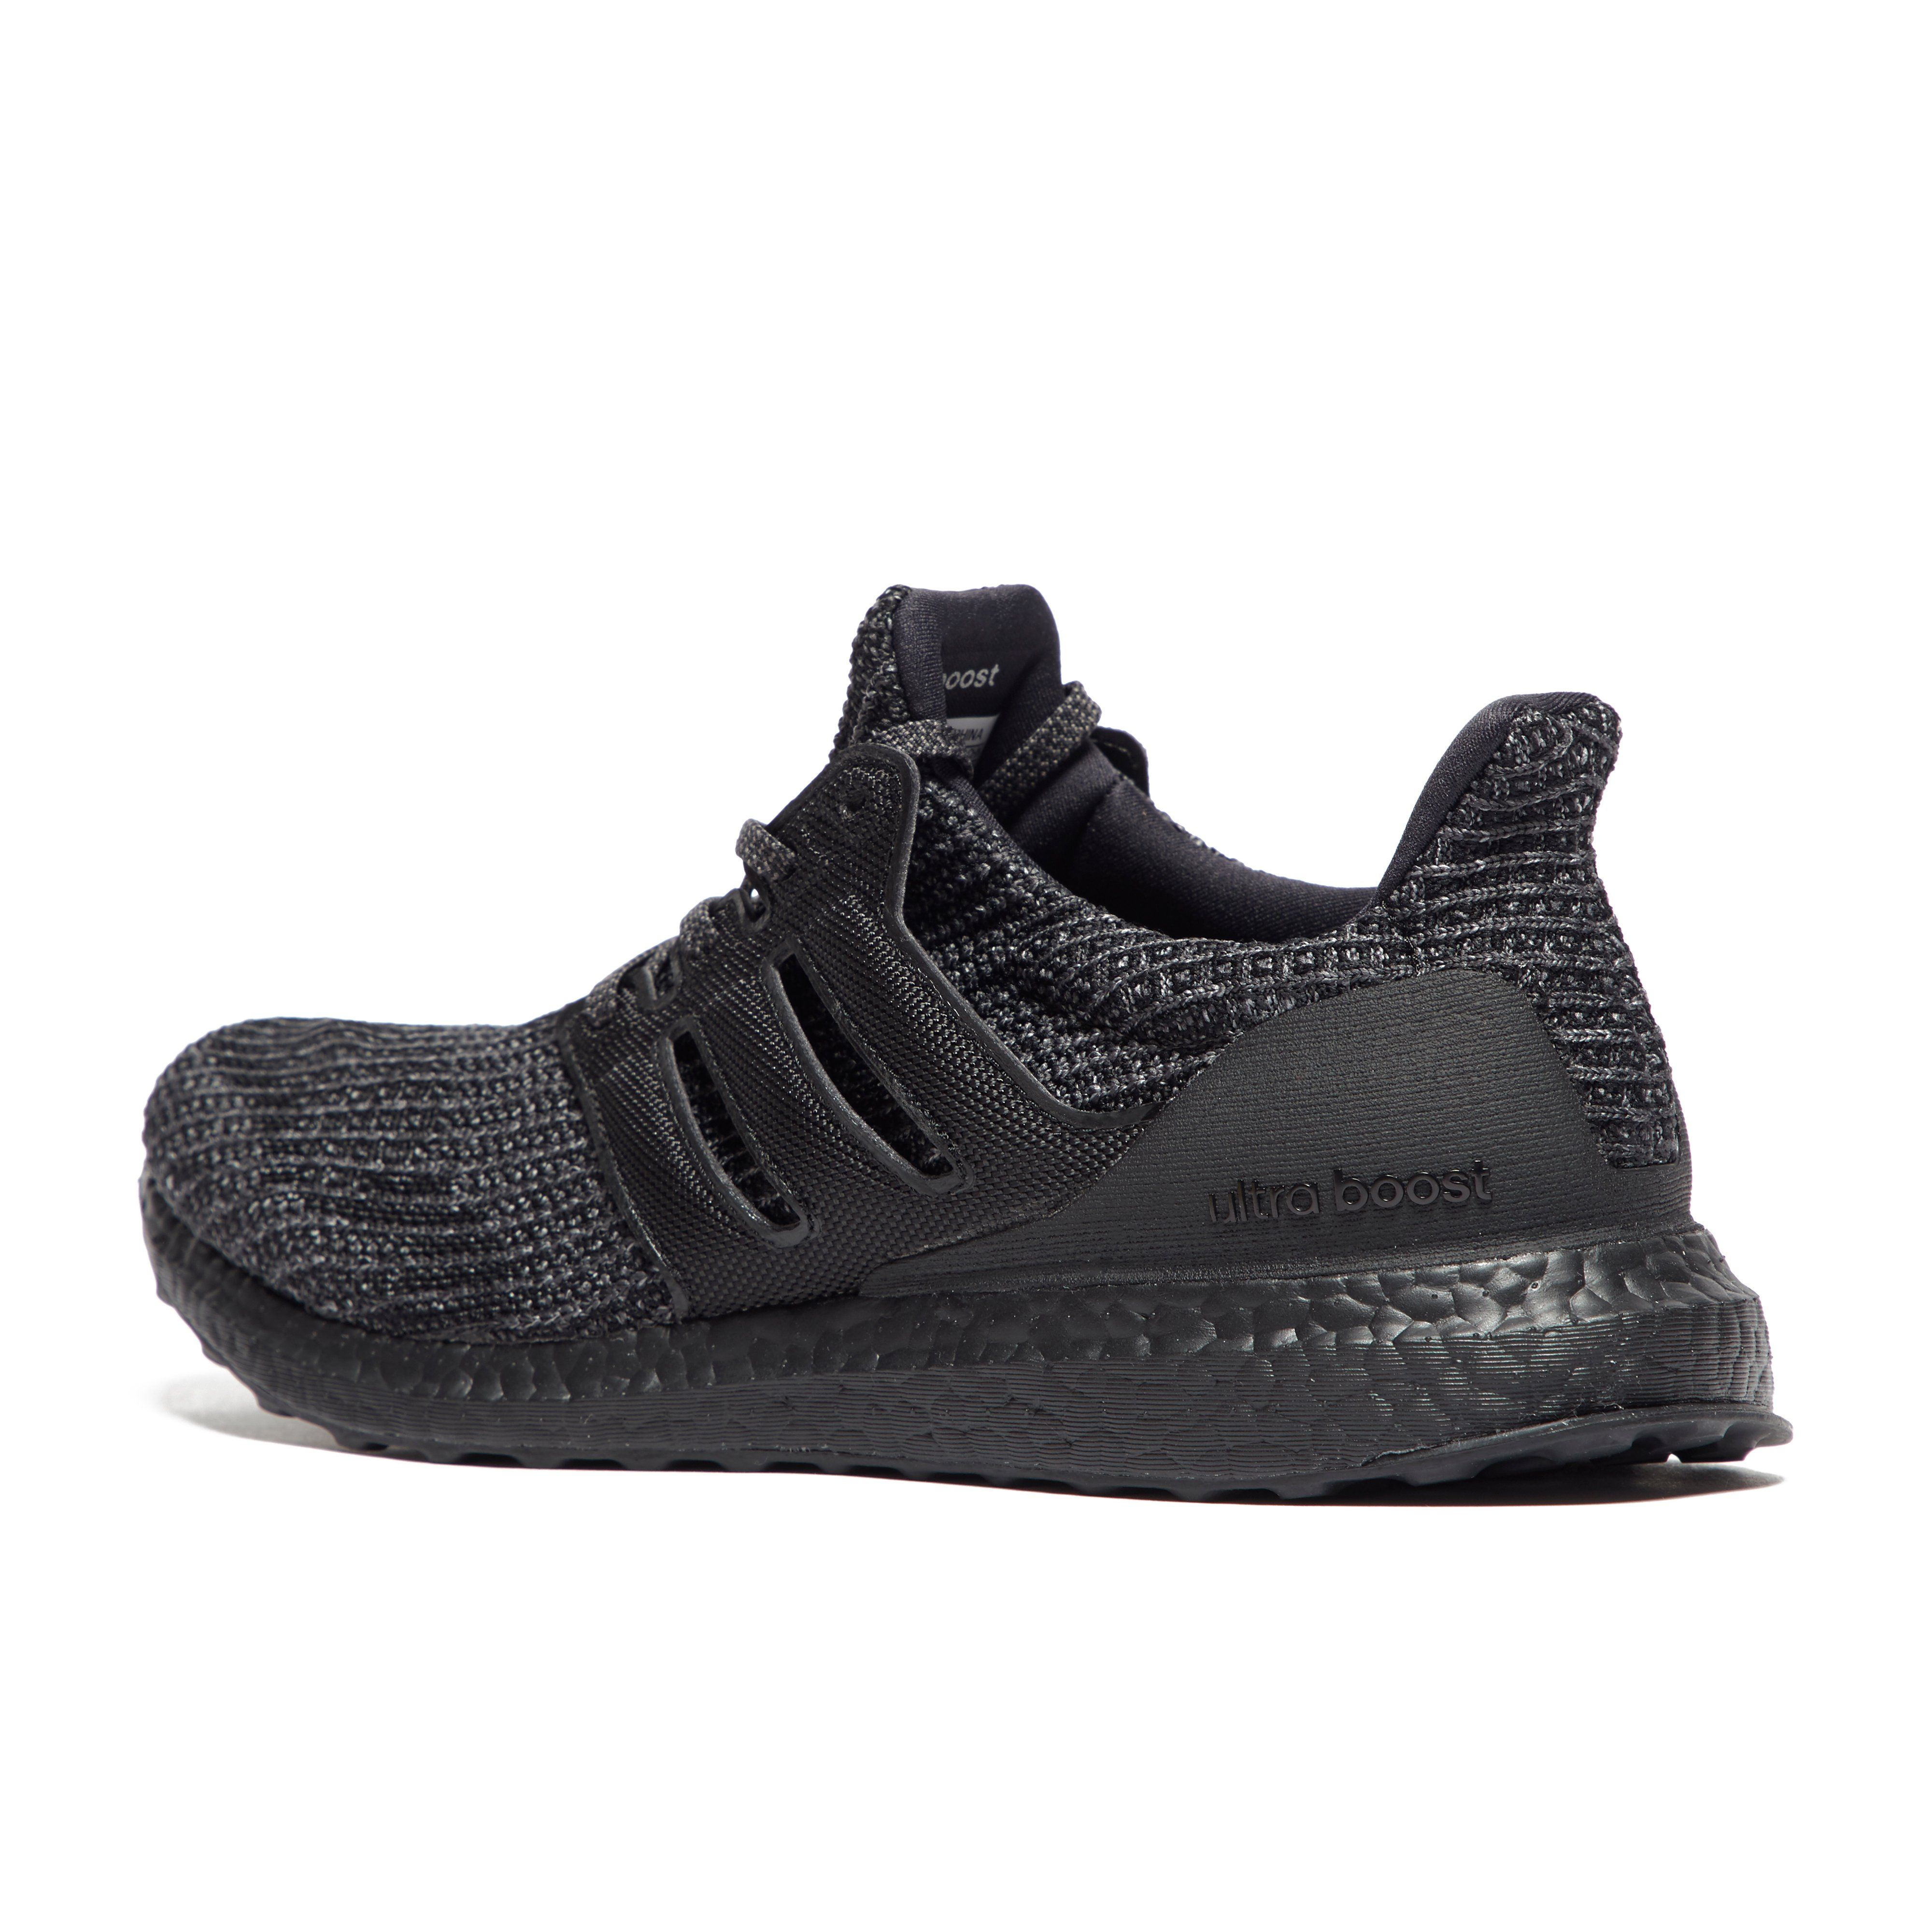 adidas Ultraboost Men's Running Shoes